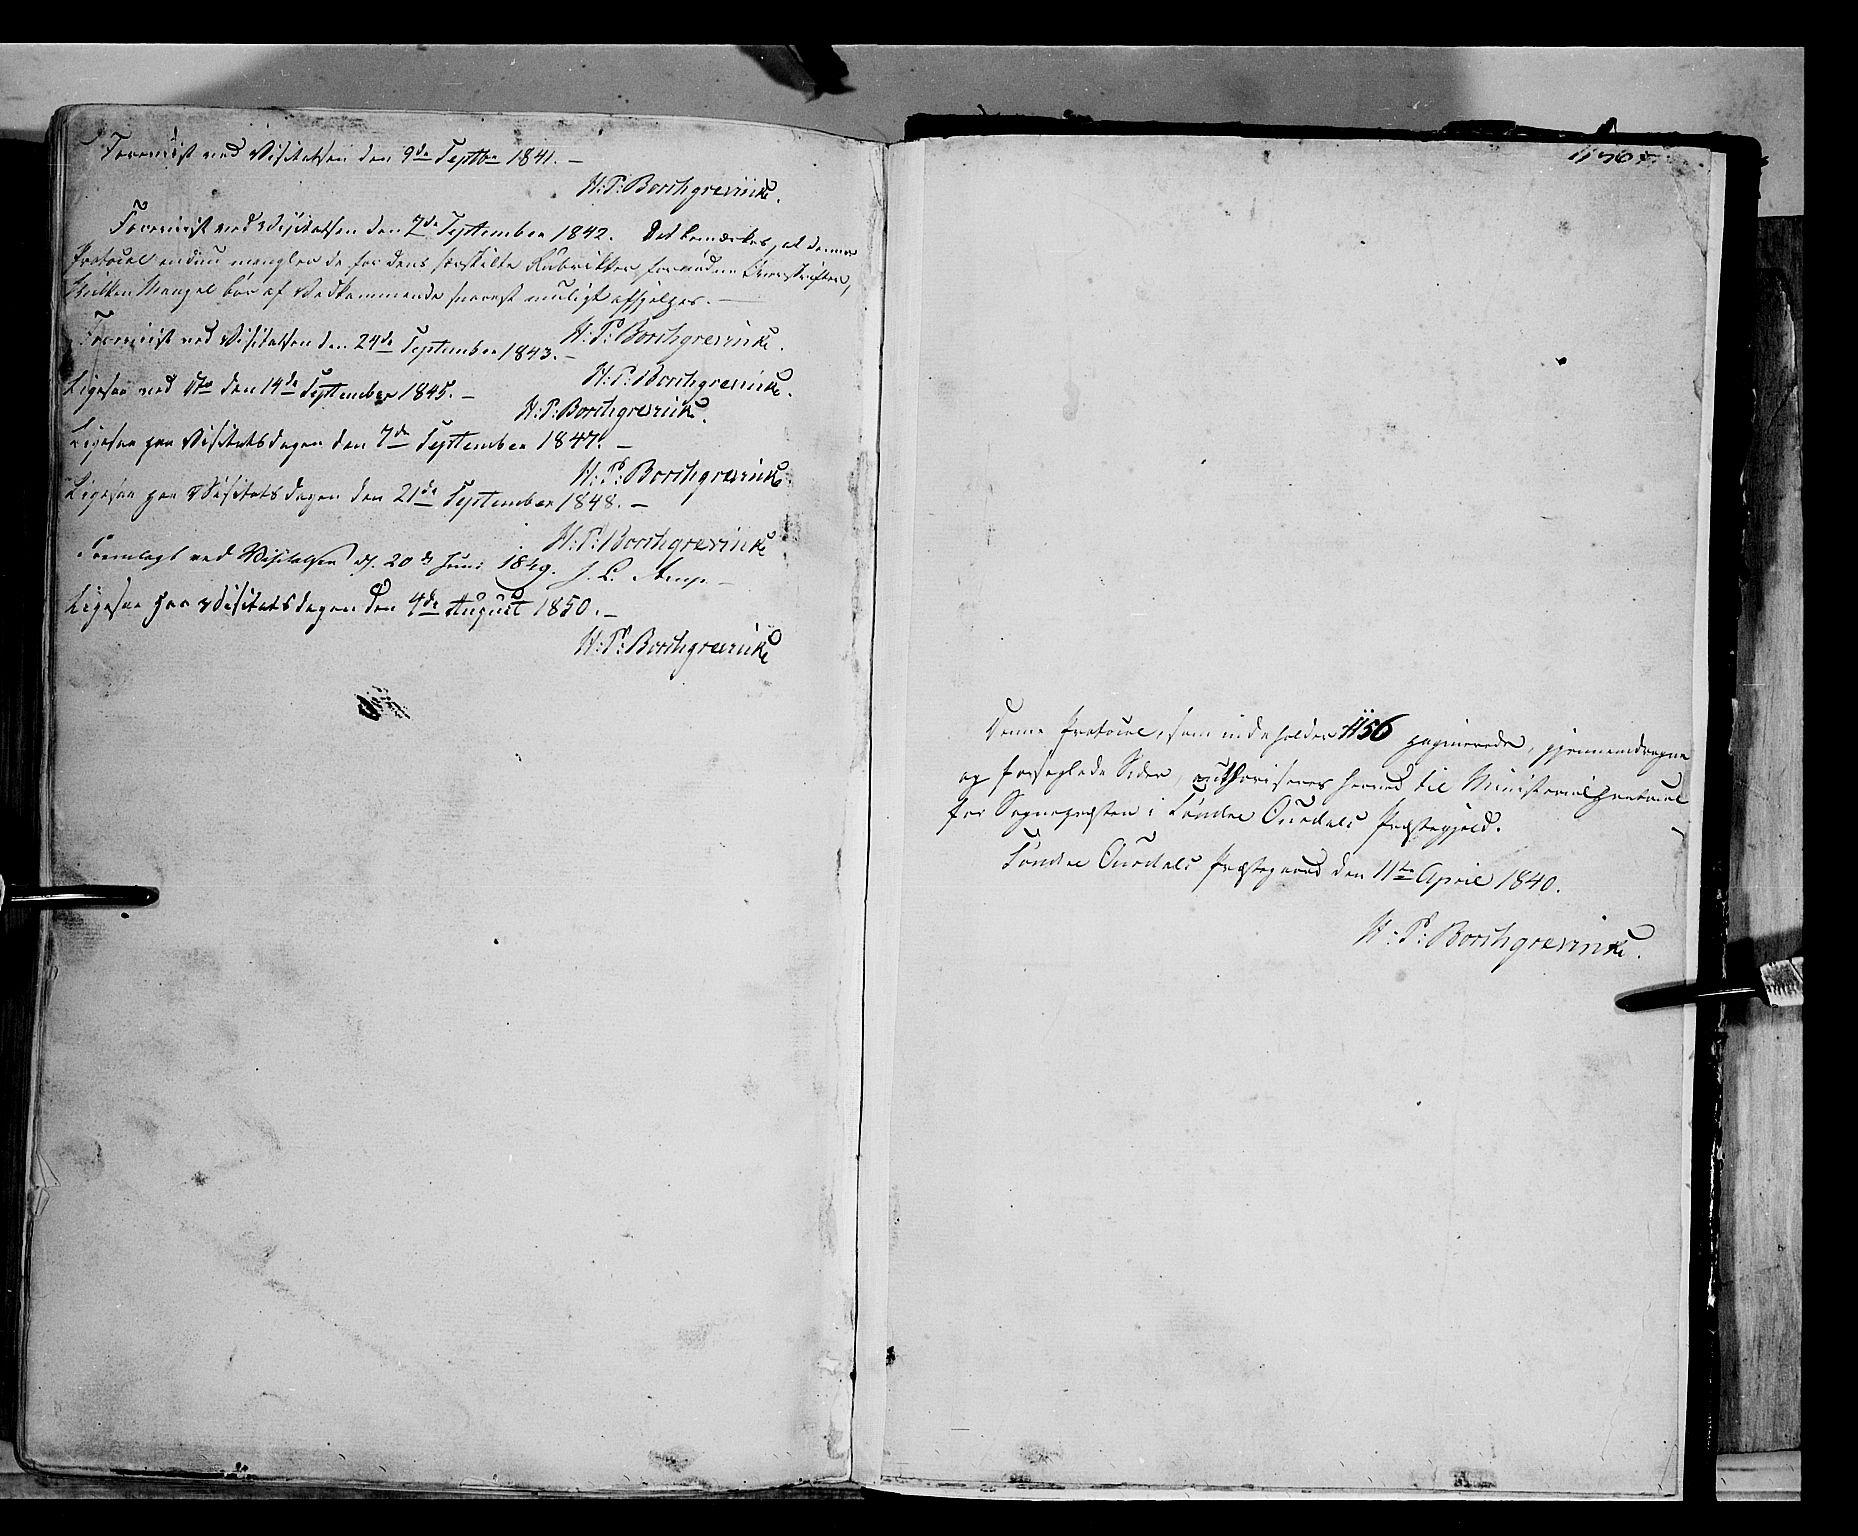 SAH, Sør-Aurdal prestekontor, Ministerialbok nr. 4, 1841-1849, s. 1155-1156